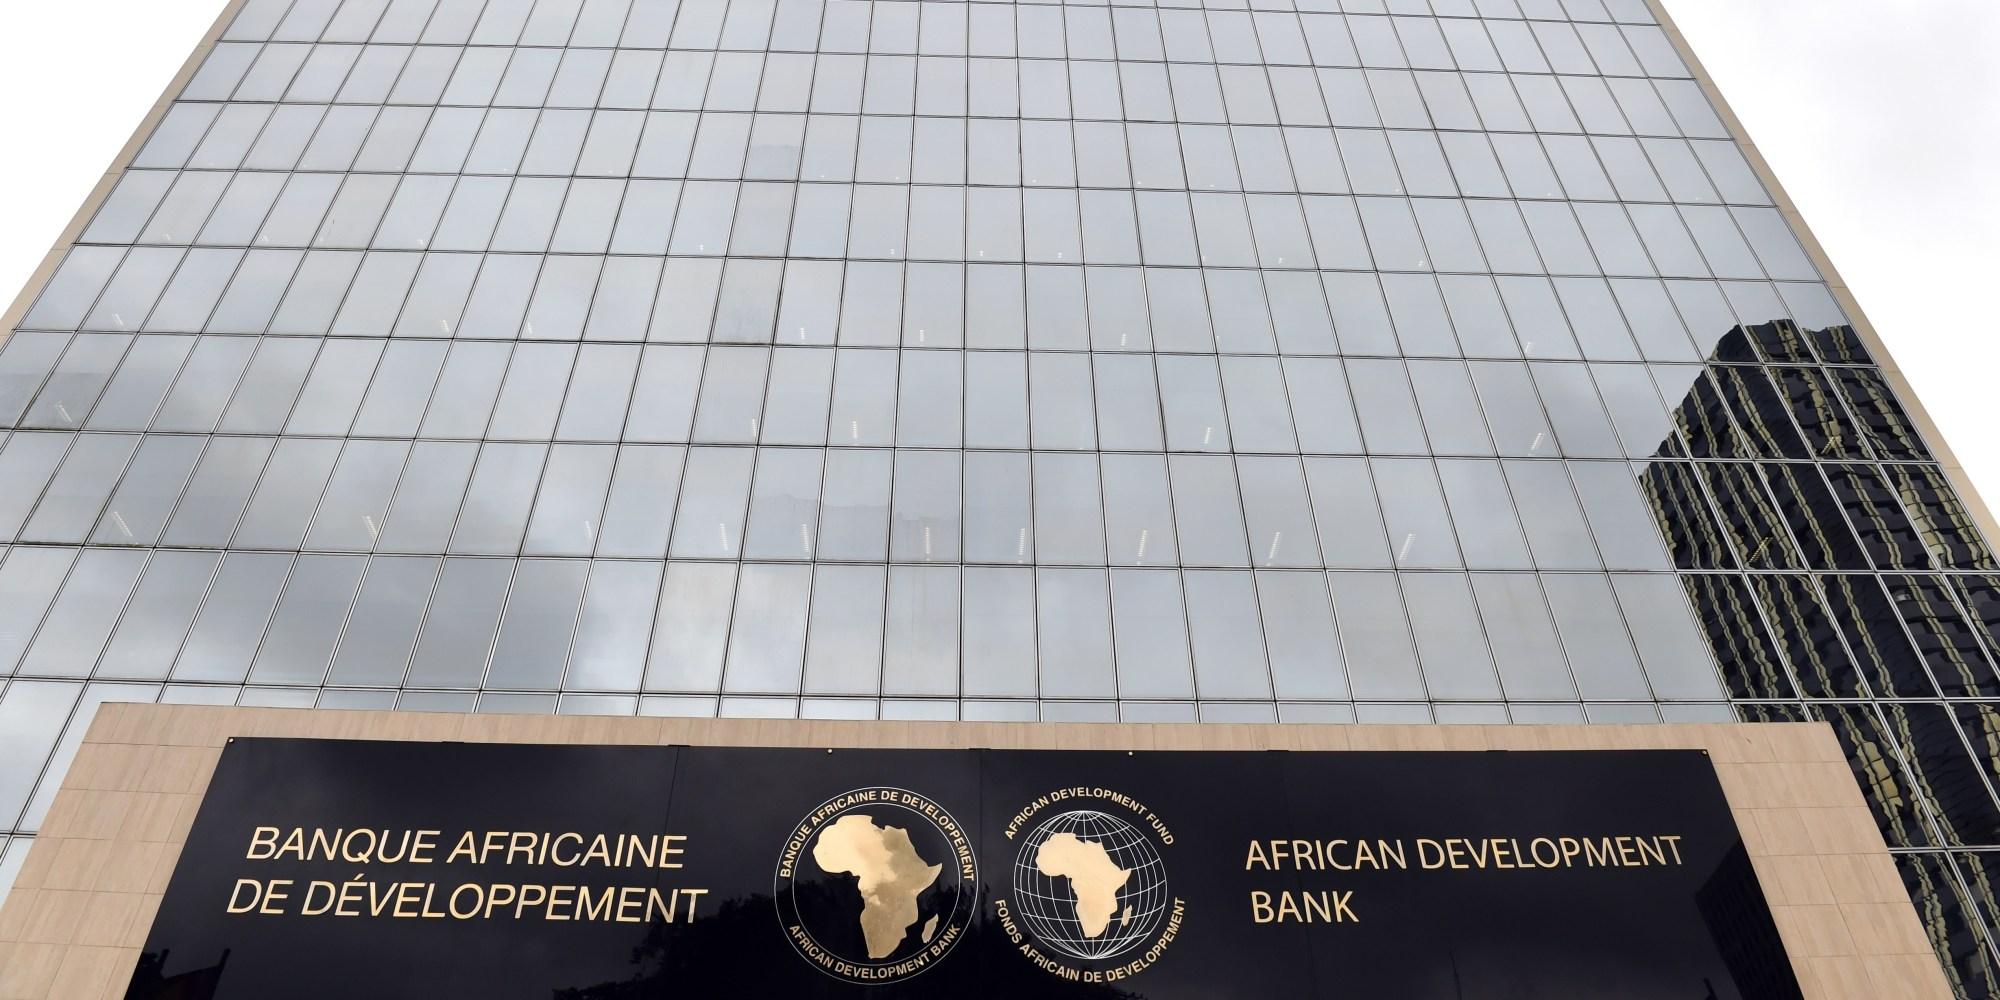 Le siège de la Banque africaine de développement. © DR